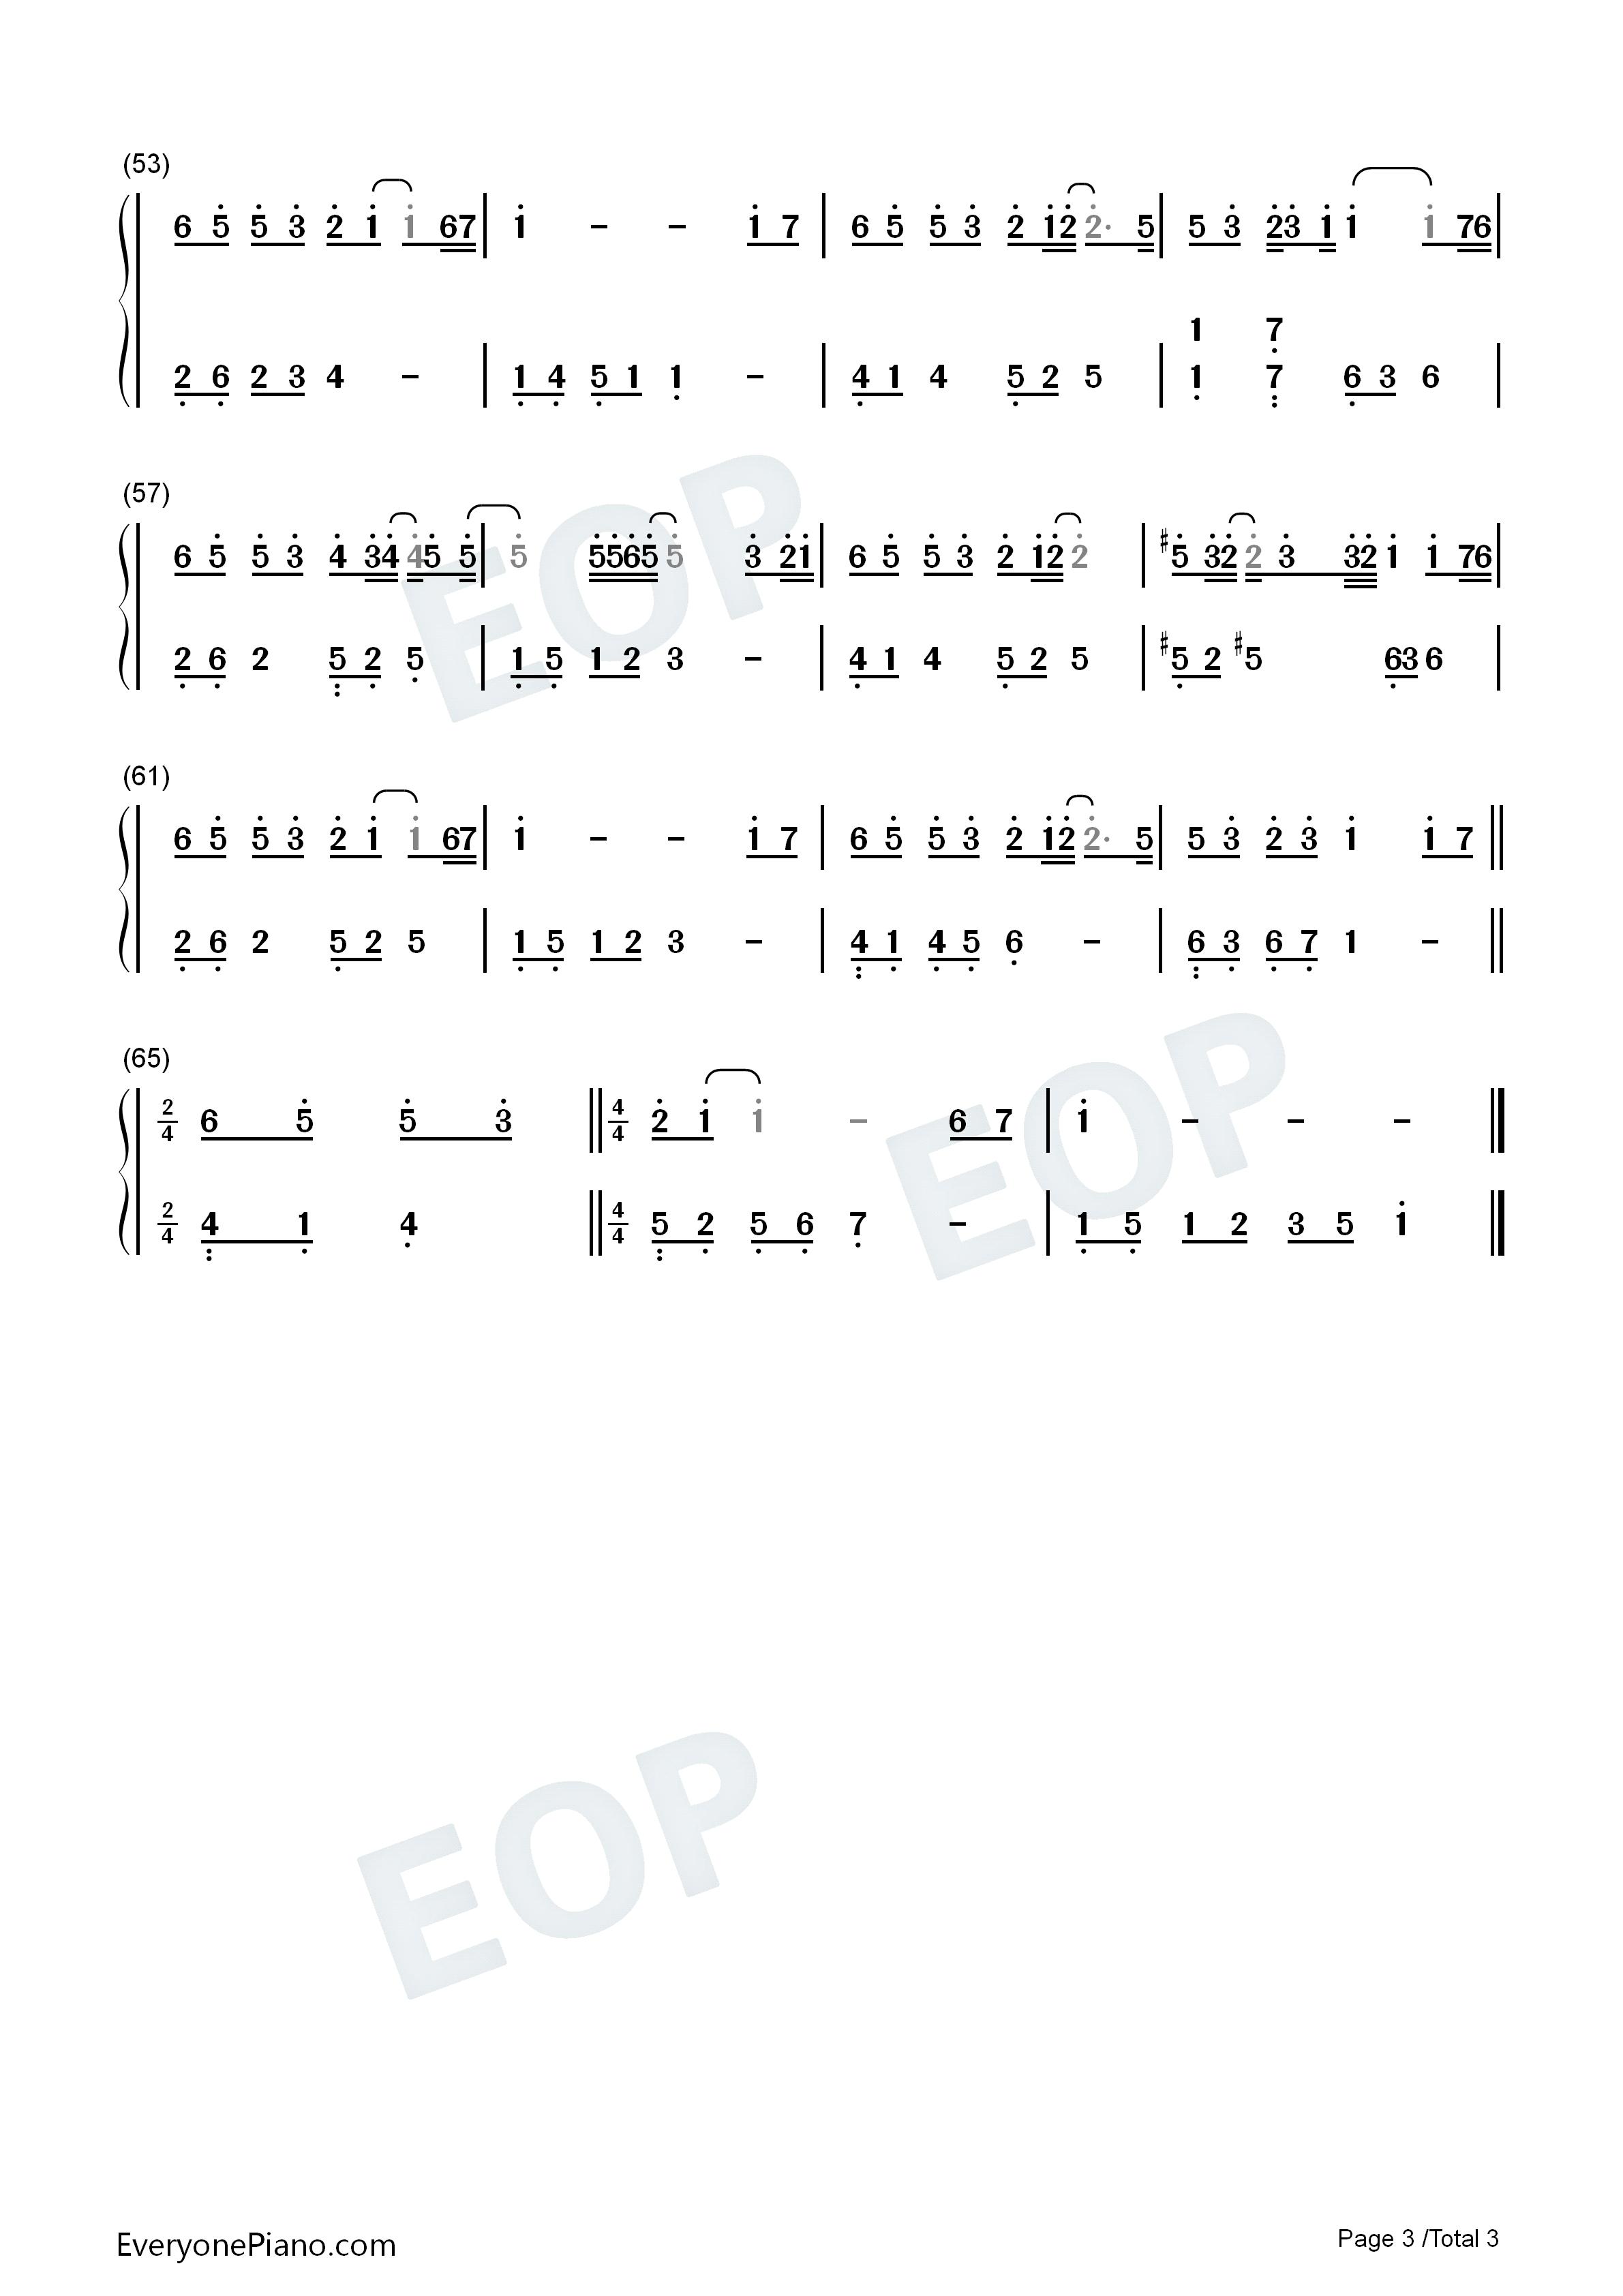 钢琴曲谱 其他 猜不透 猜不透双手简谱预览3   仅供个人学习交流使用